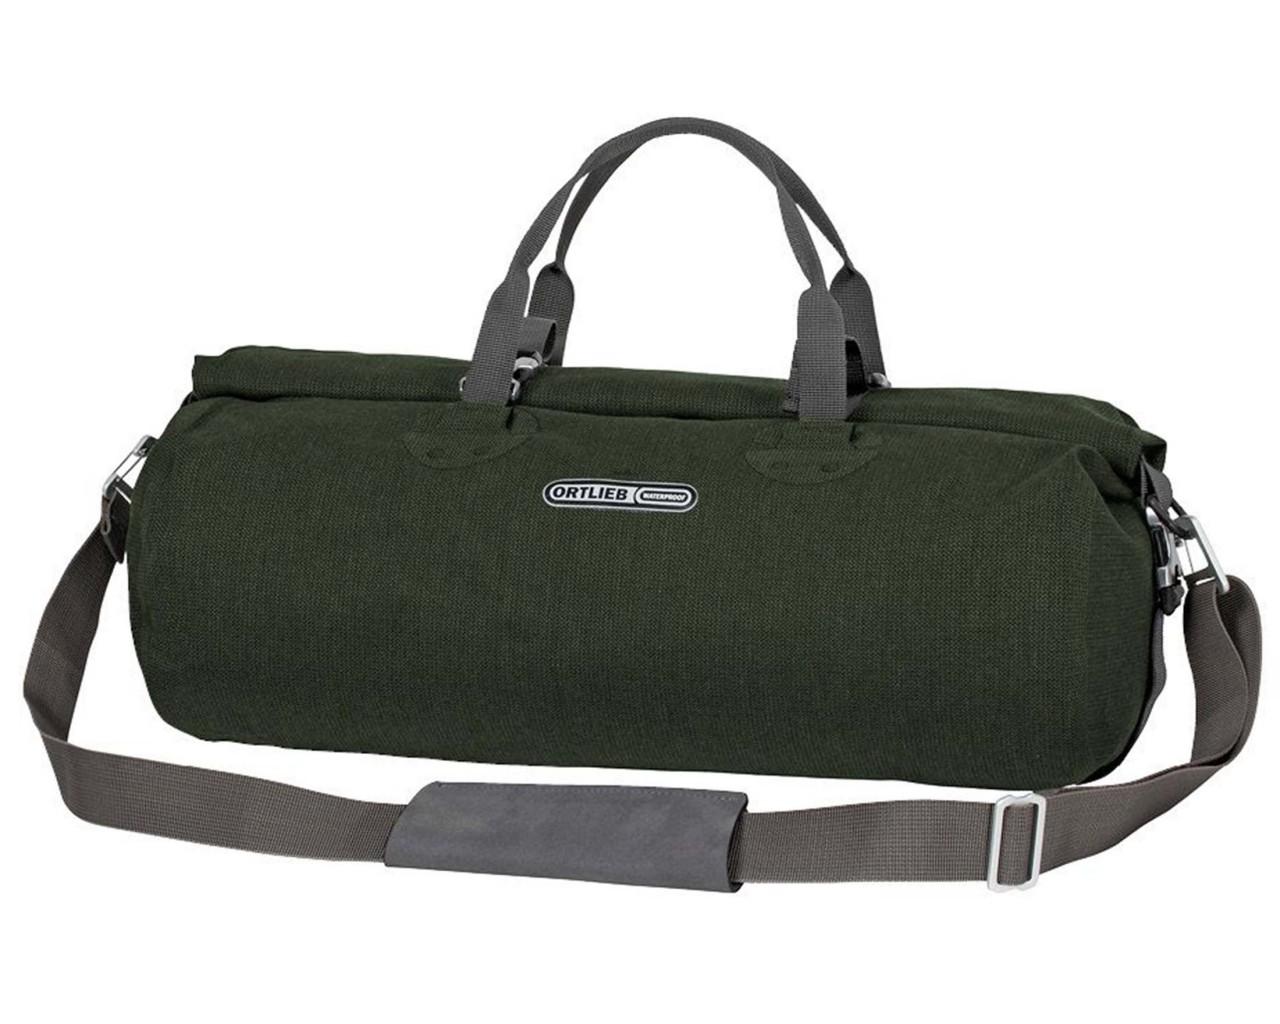 Ortlieb Rack-Pack Urban waterproof bag 24 litre PVC-free | pine